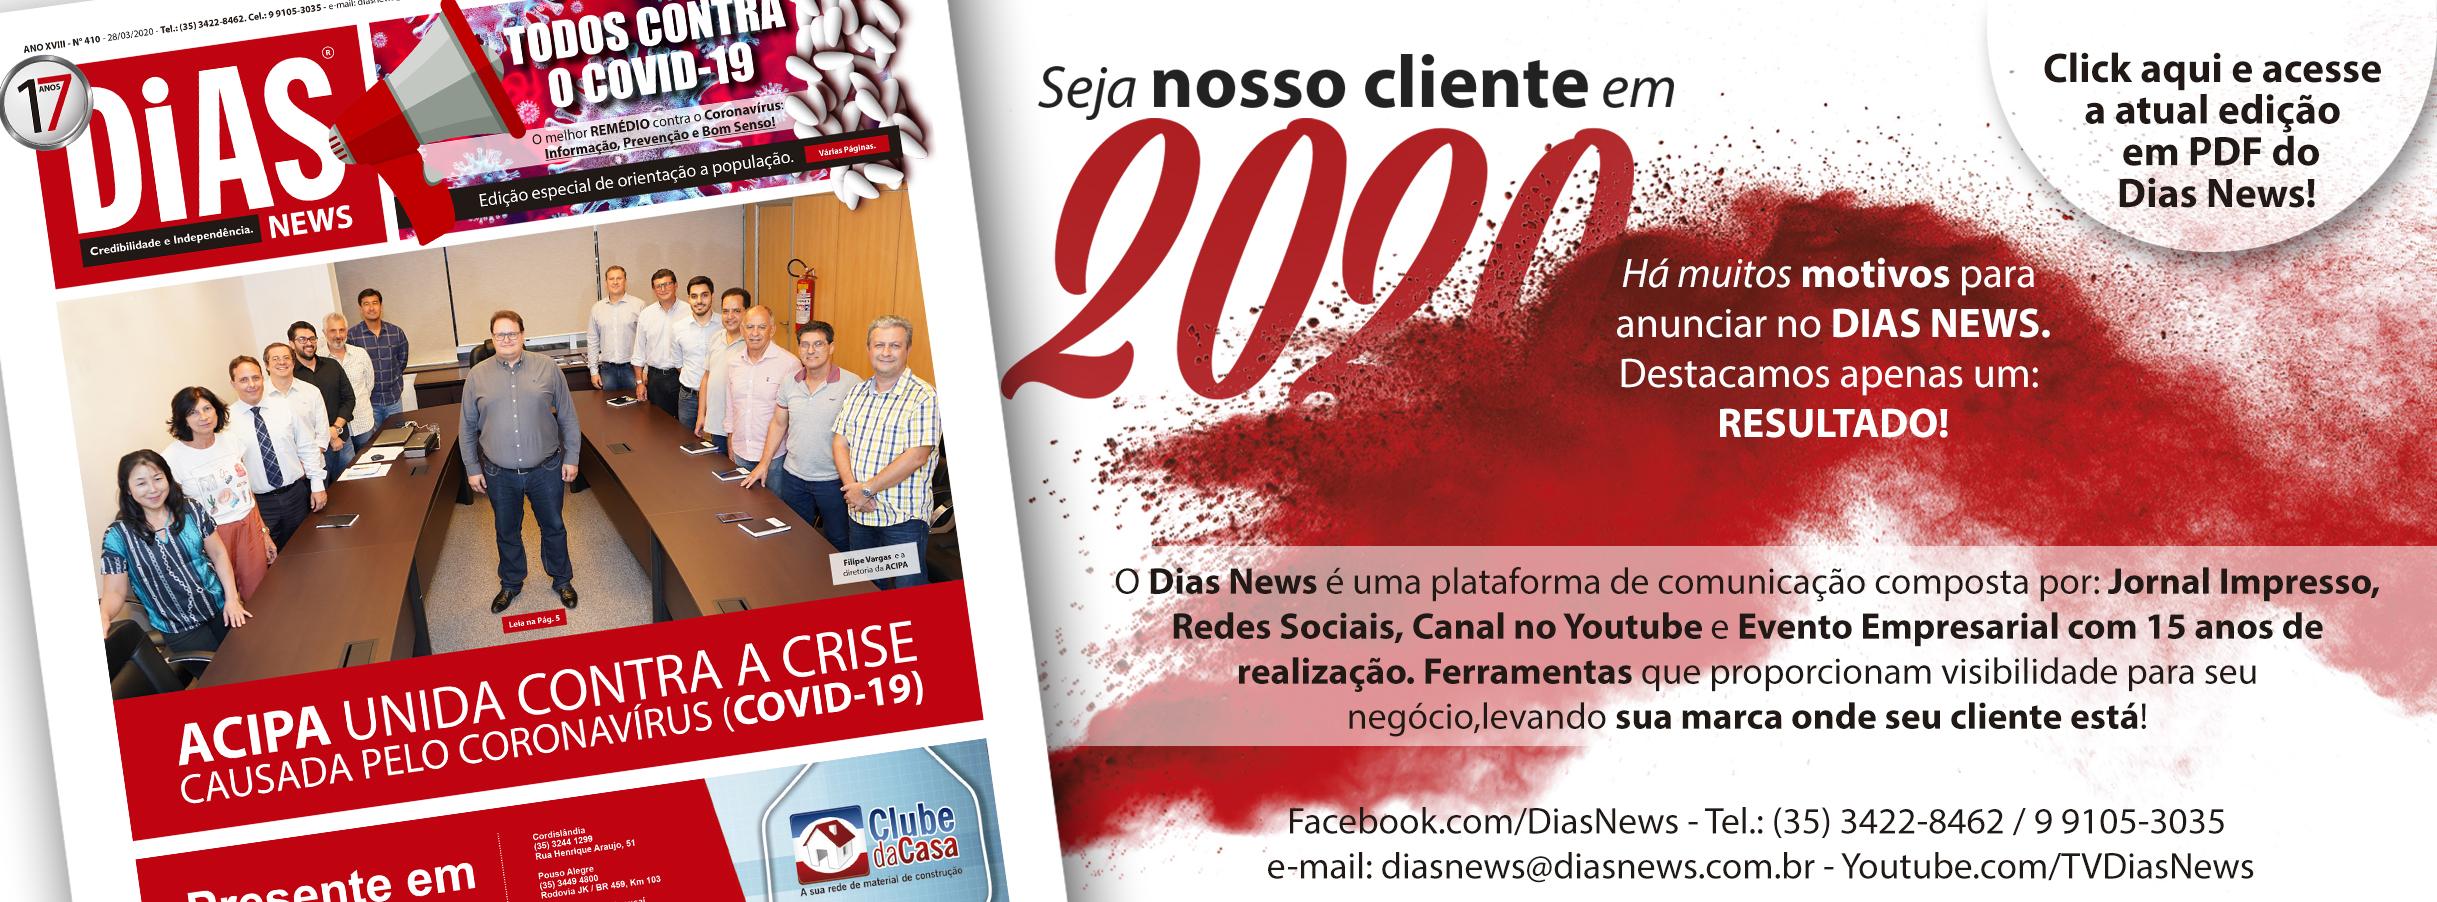 CLICK AQUI e acesse a edição 410 do Dias News